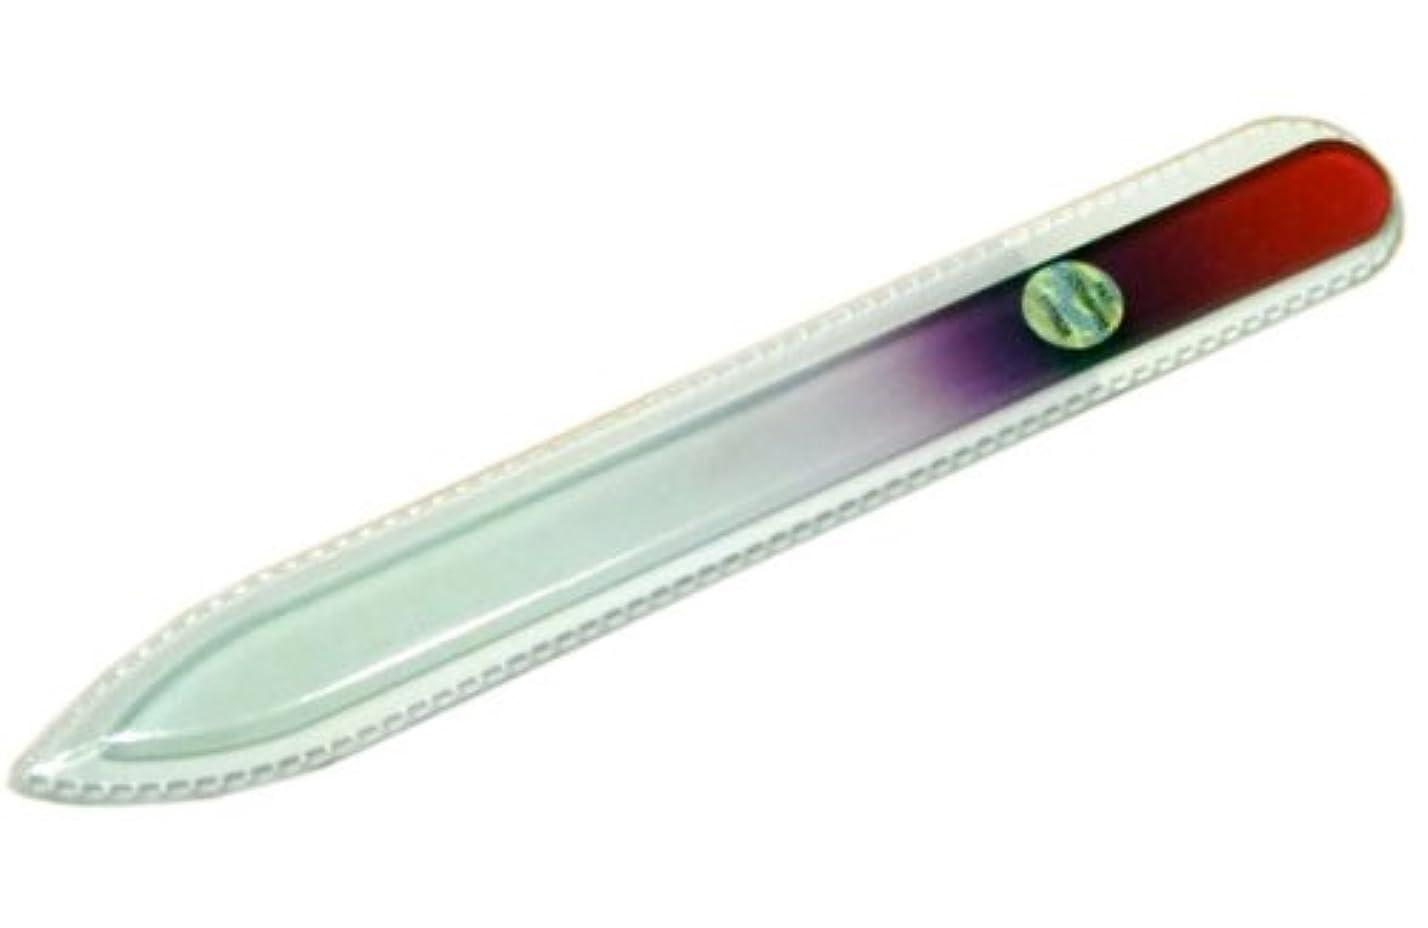 サージ悪化させる主権者ブラジェク ガラス爪やすり 140mm 片面タイプ(パープルグラデーション #03)